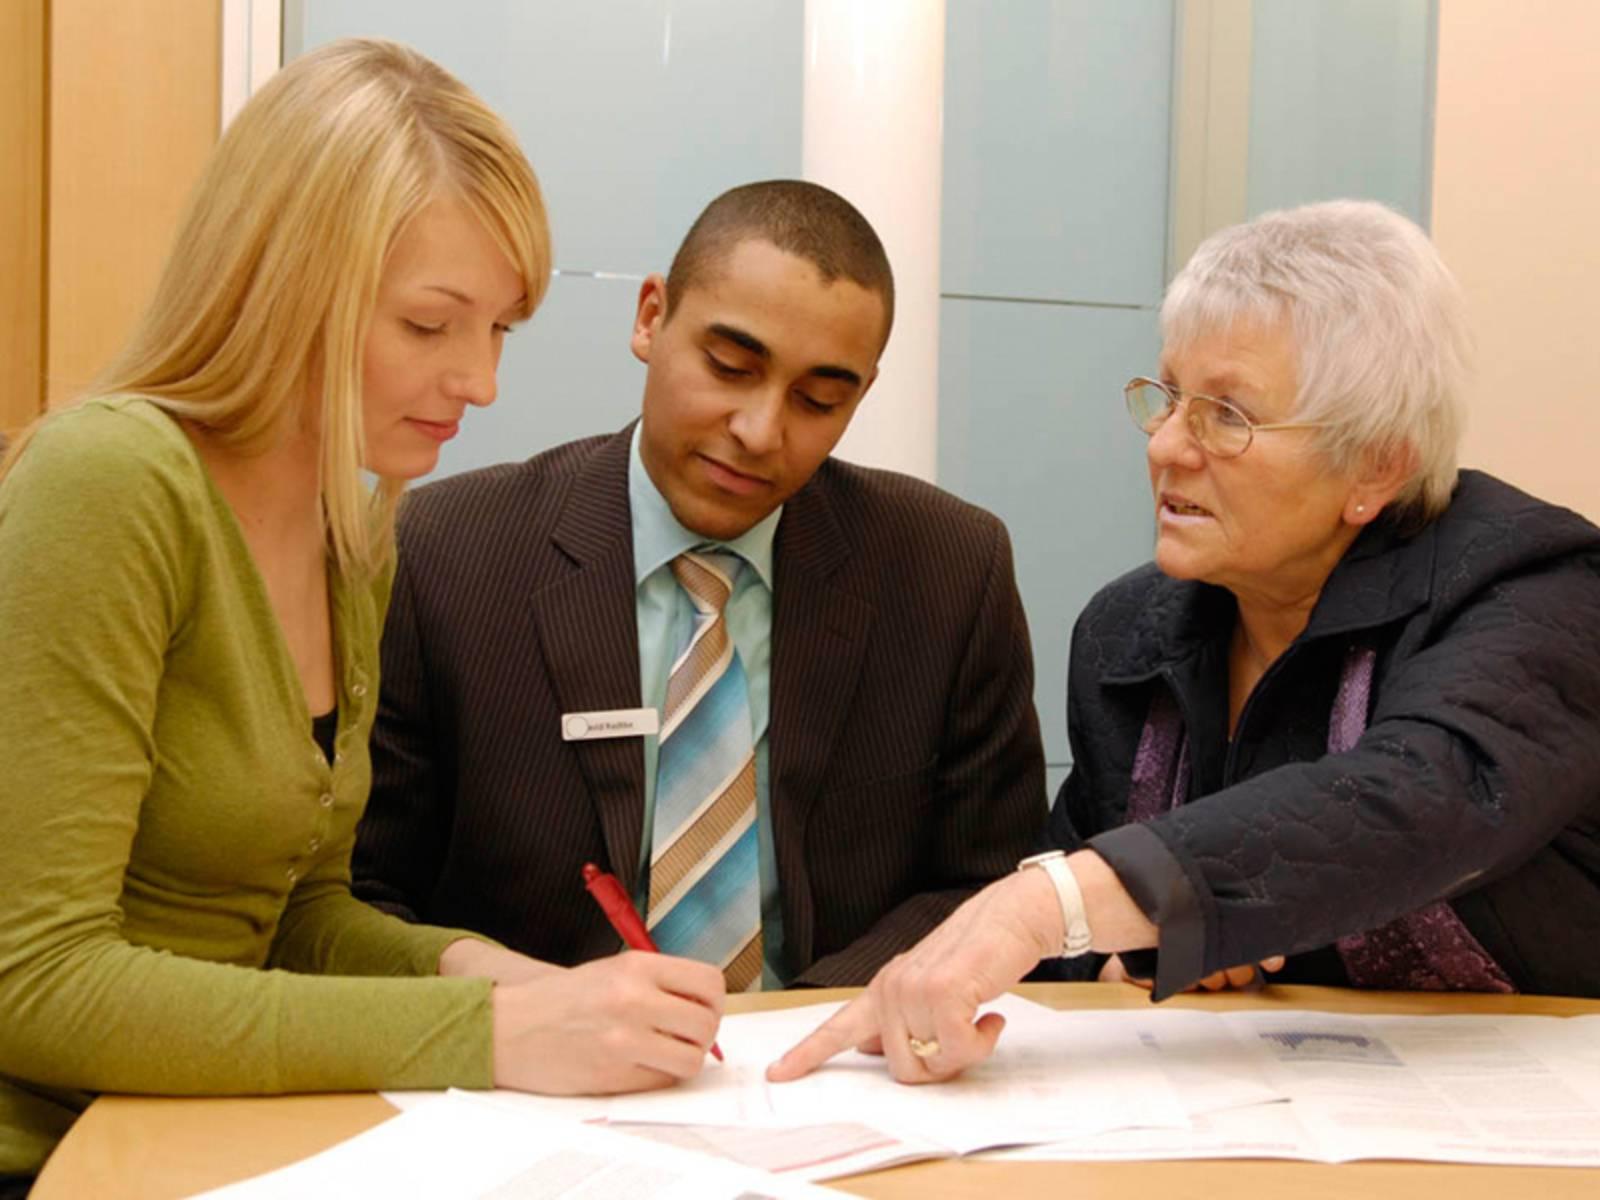 Eine junge Frau, ein junger Mann und eine ältere Frau an einem Tisch im Gespräch. Vor ihnen liegen ausgebreitet Unterlagen. Die ältere Frau zeigt auf eines der Papiere und die jüngere Frau macht Notizen.